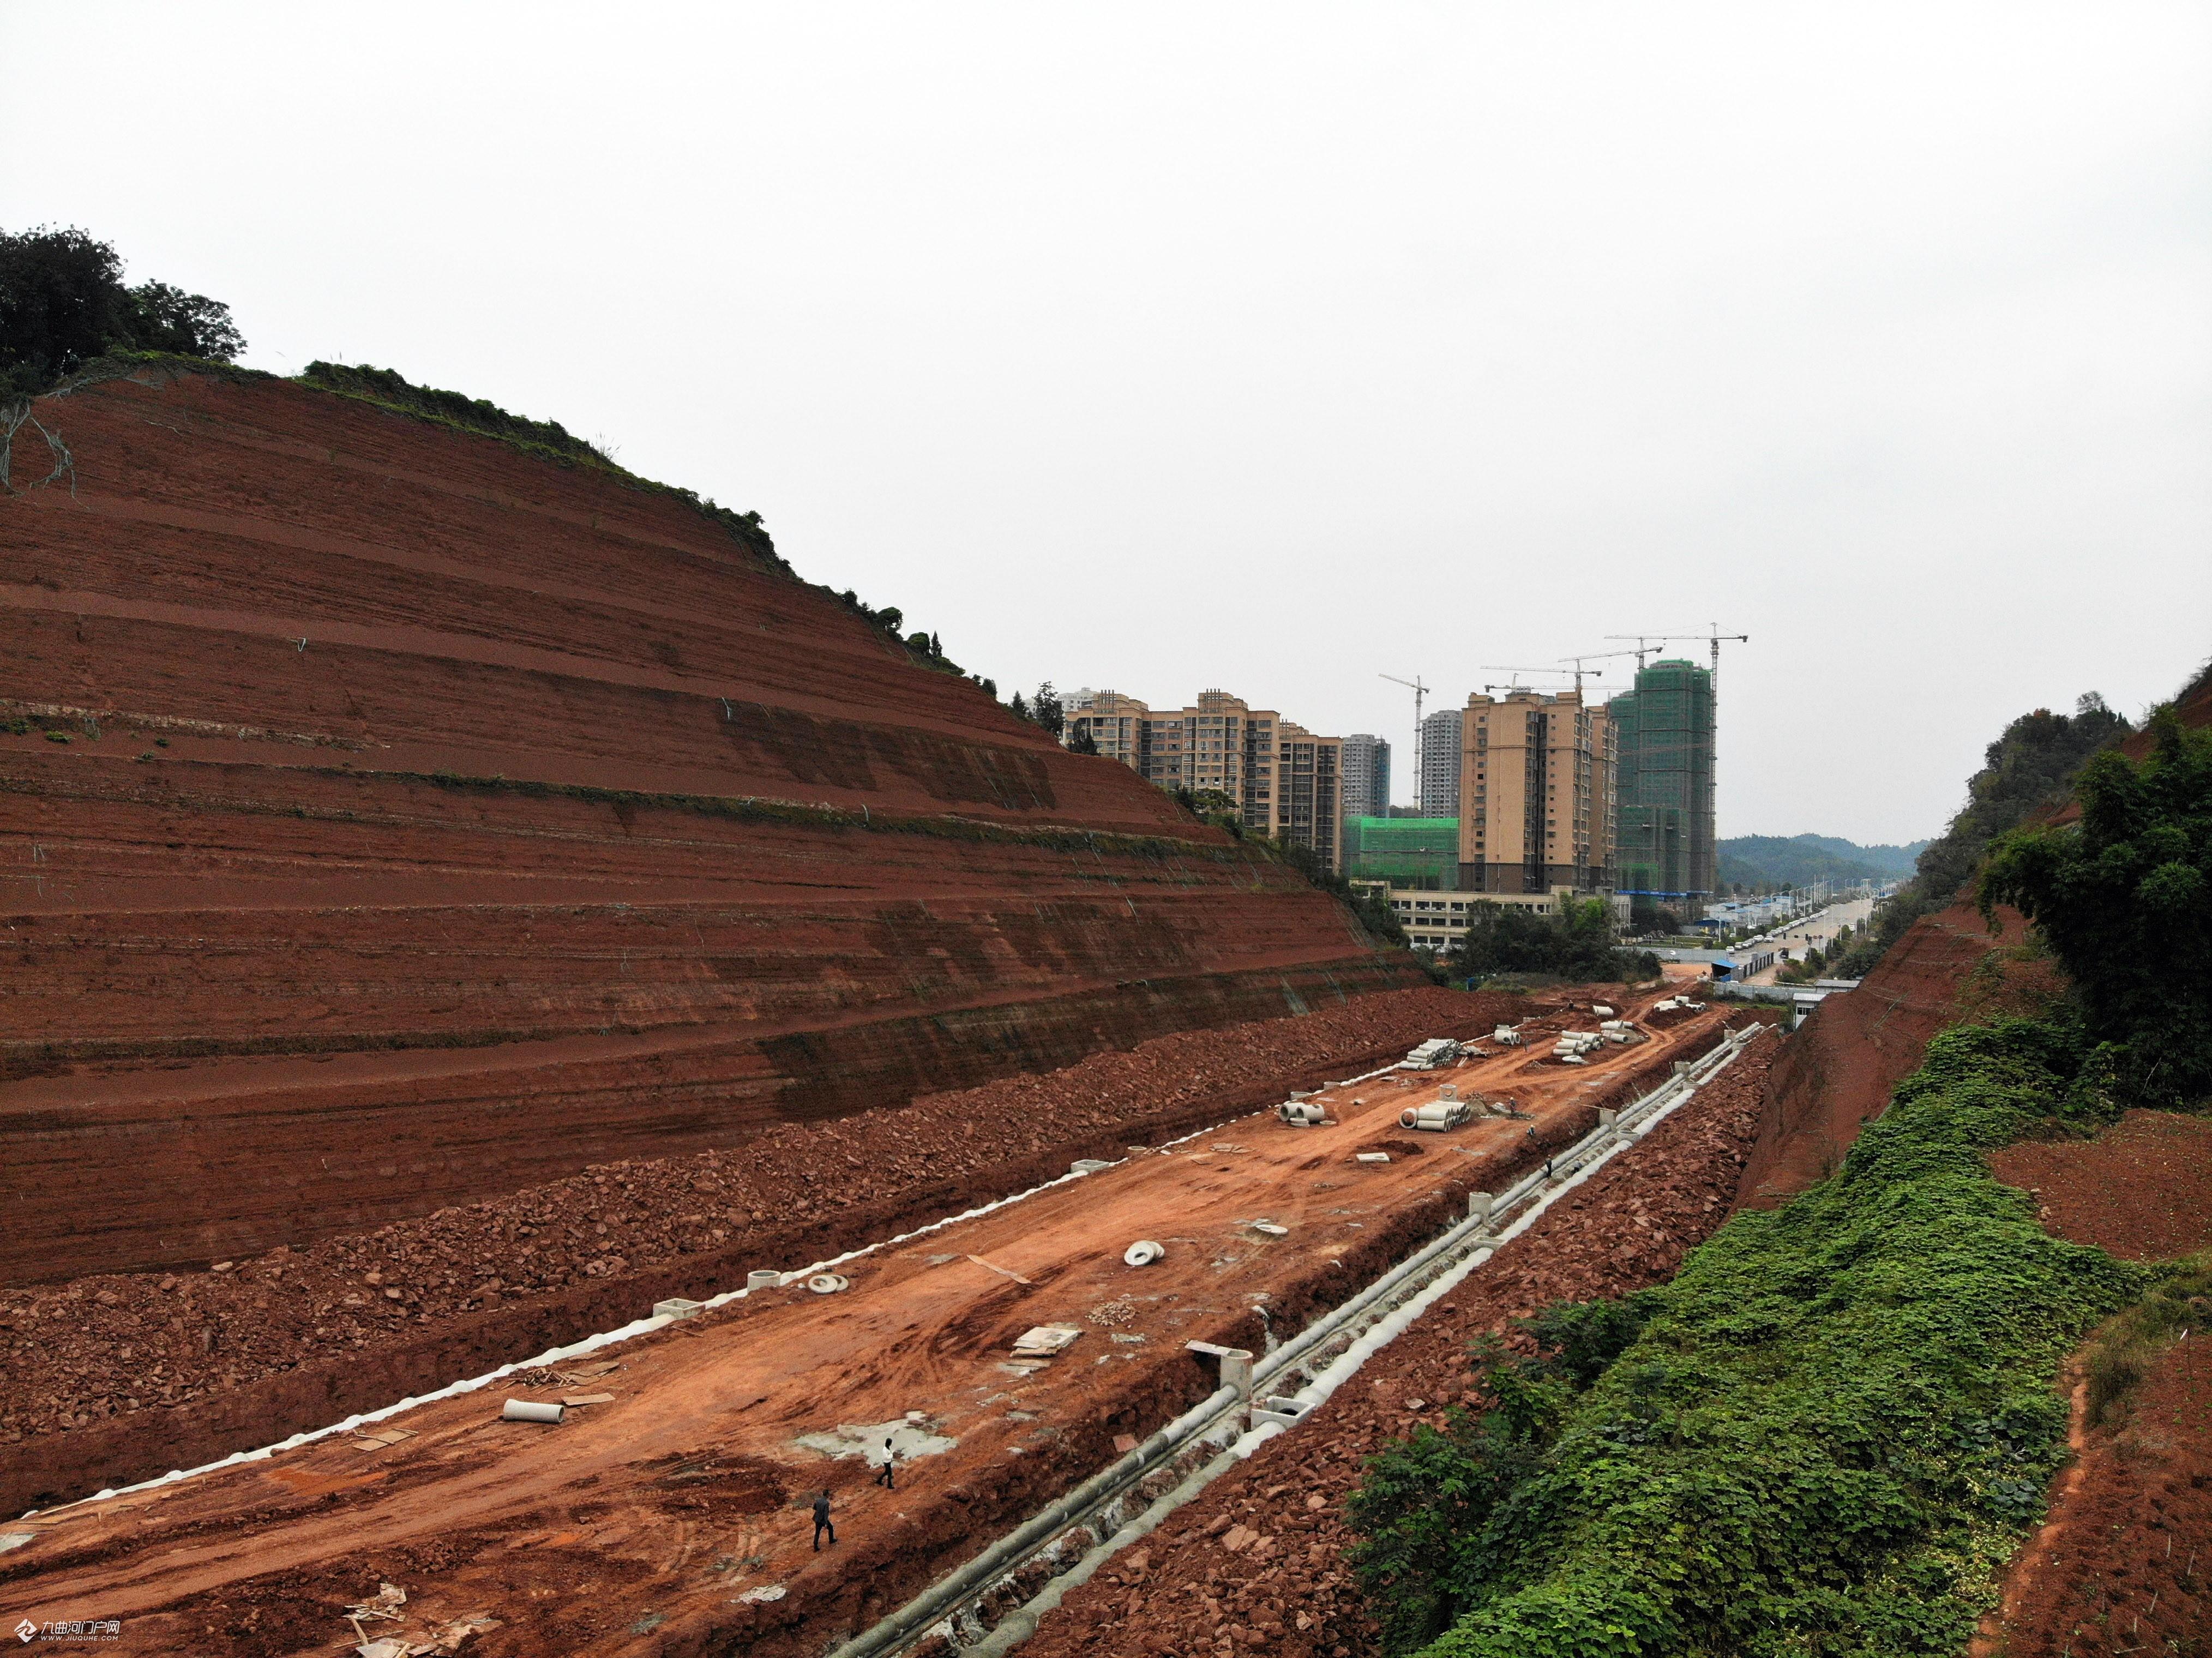 (航拍)快来看看资阳公园路延伸段现在的进展,工人们都在抓紧时间干,希望尽快打通!